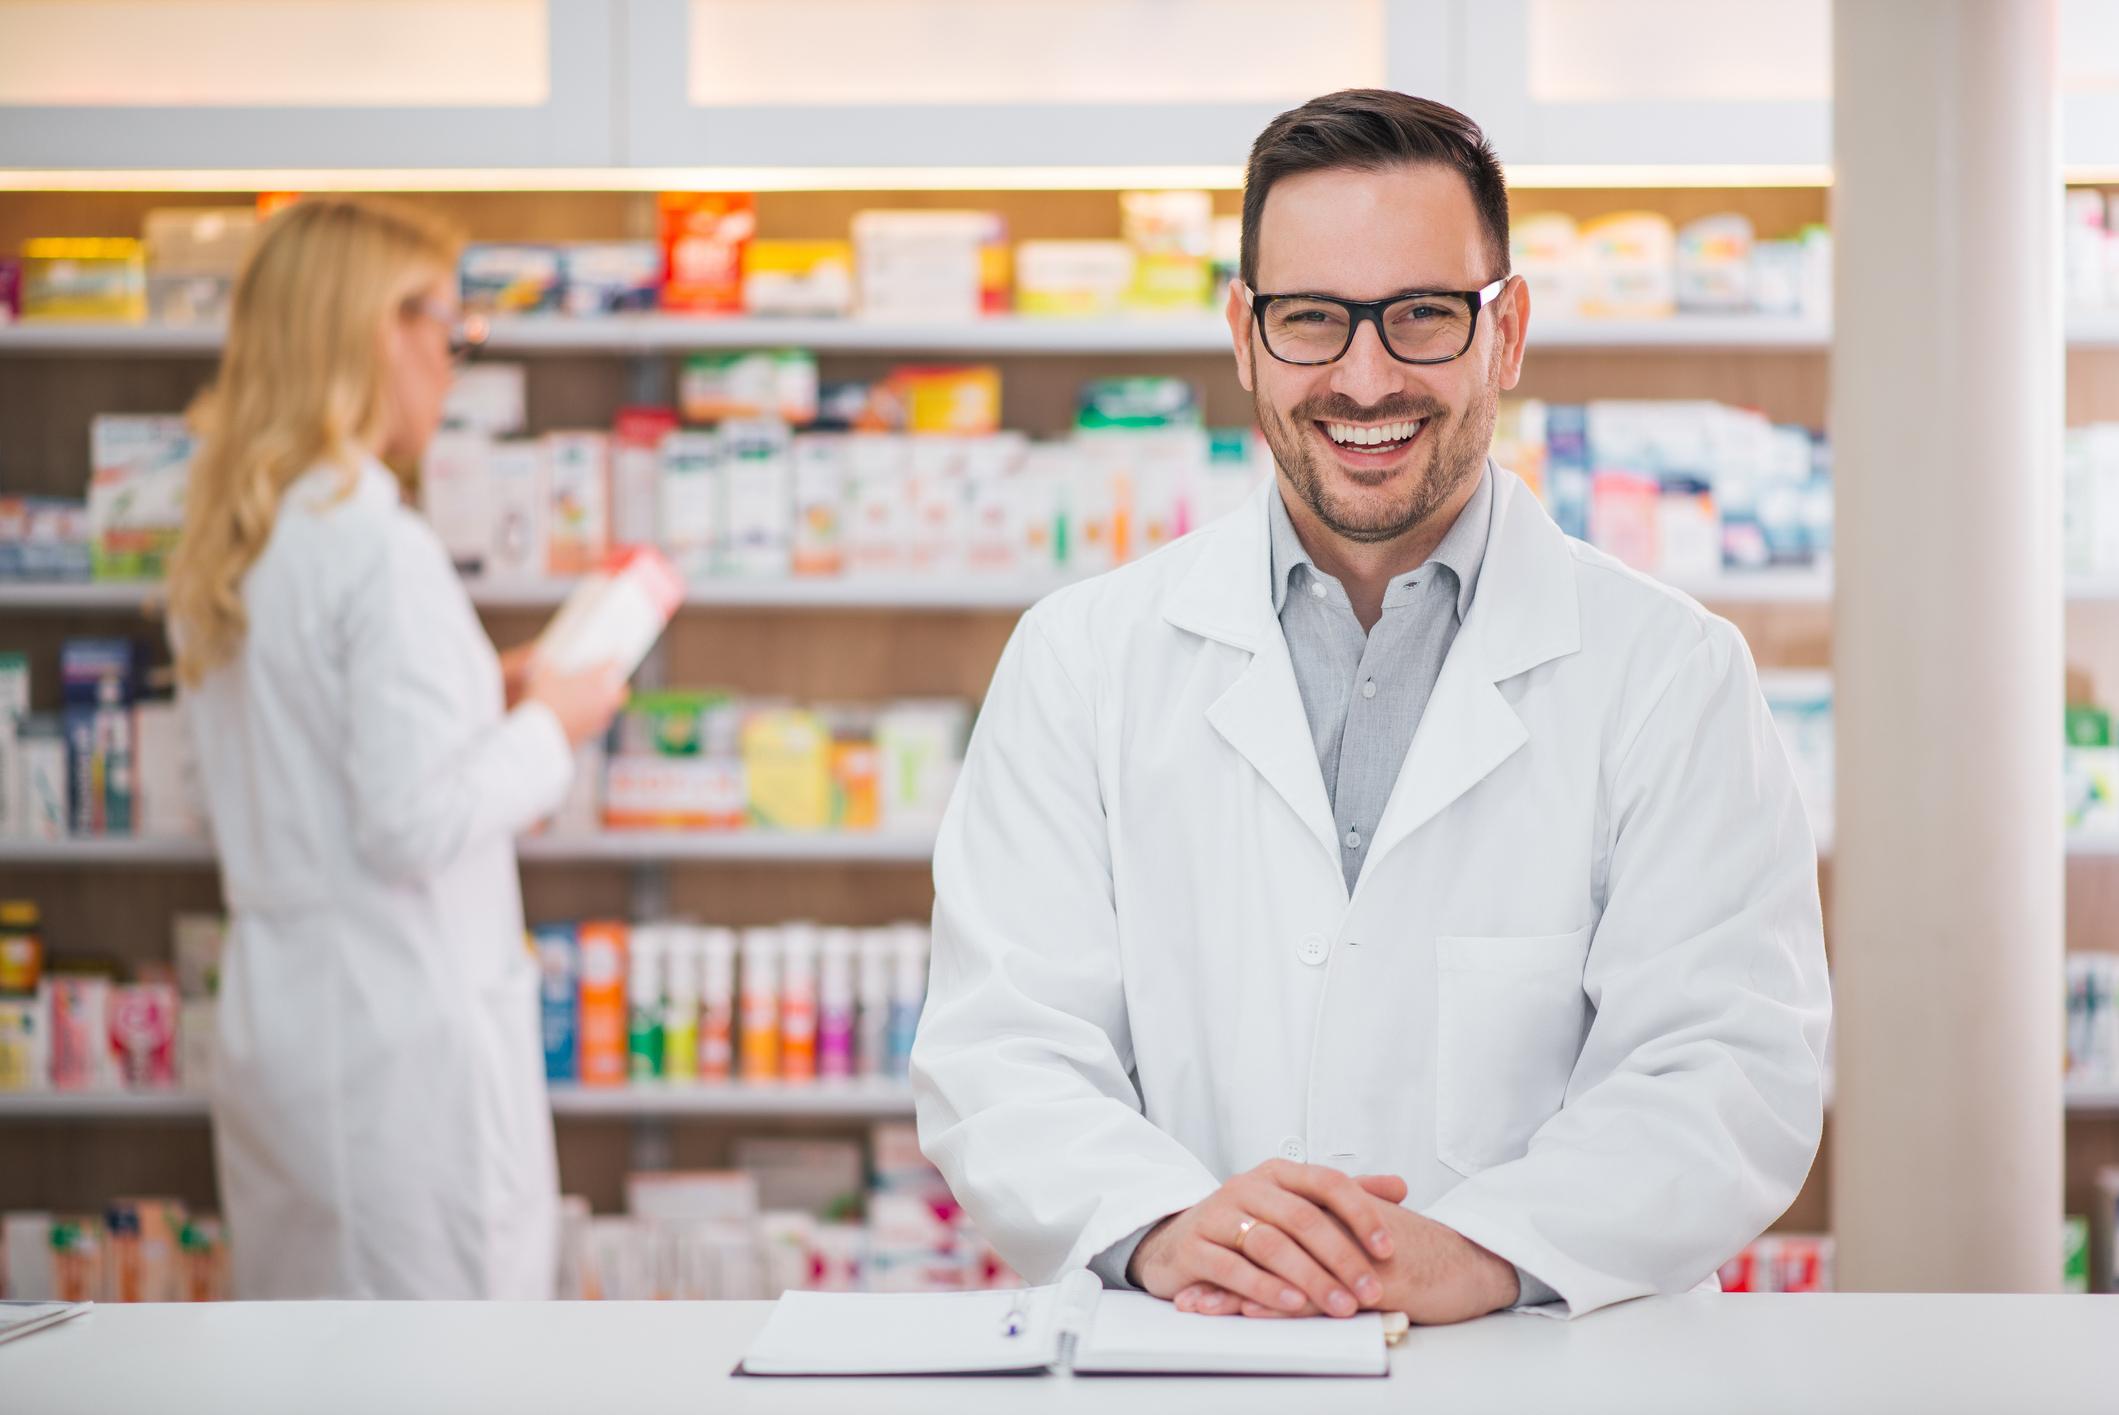 Délégués pharmaceutiques/APM et pharmaciens d'officine : bonnes pratiques